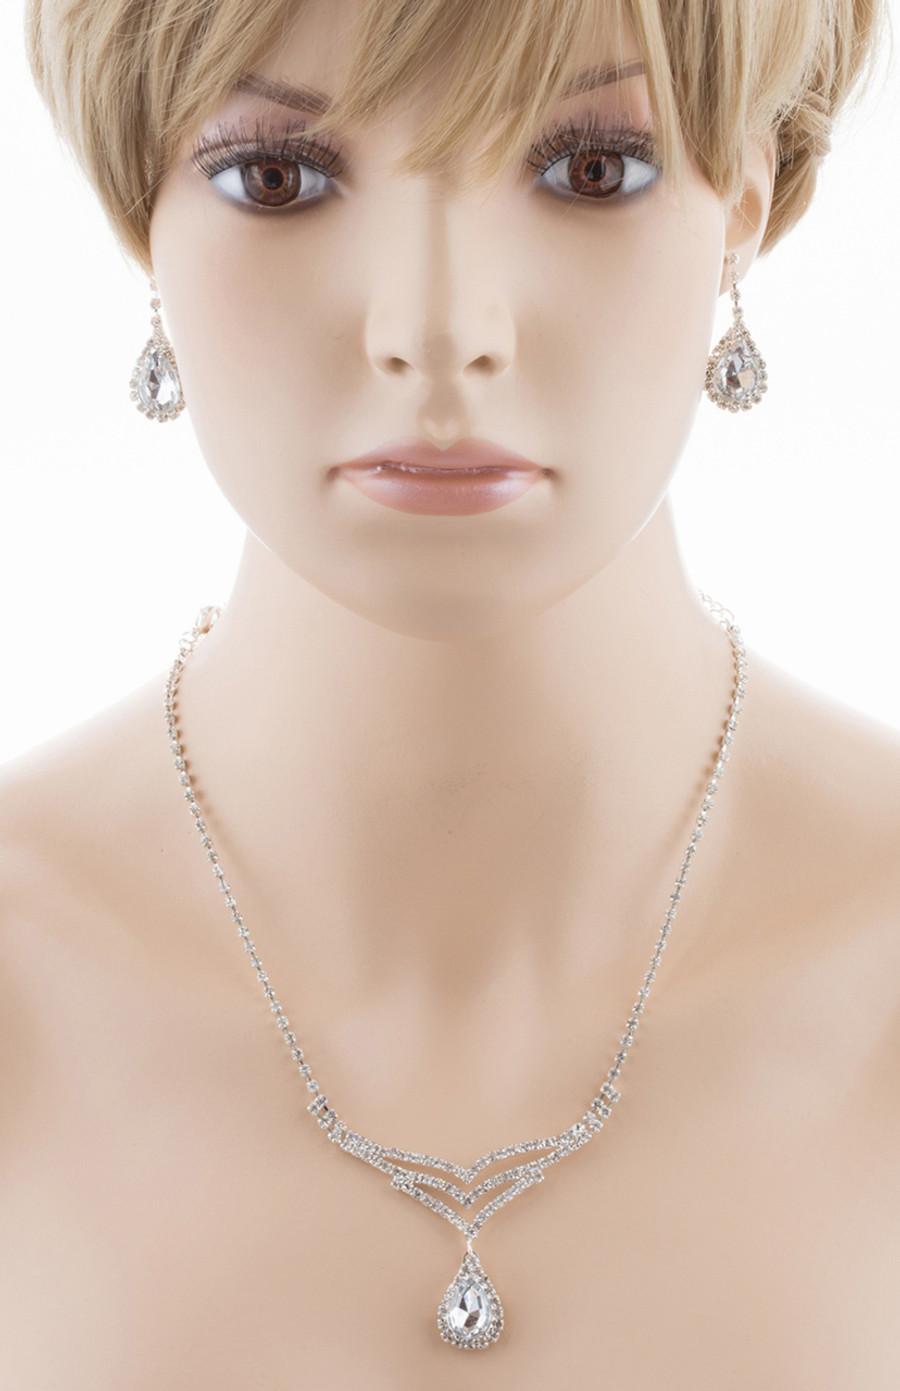 Bridal Wedding Jewelry Set Crystal Rhinestone Elegant TD V-Drop Necklace Silver